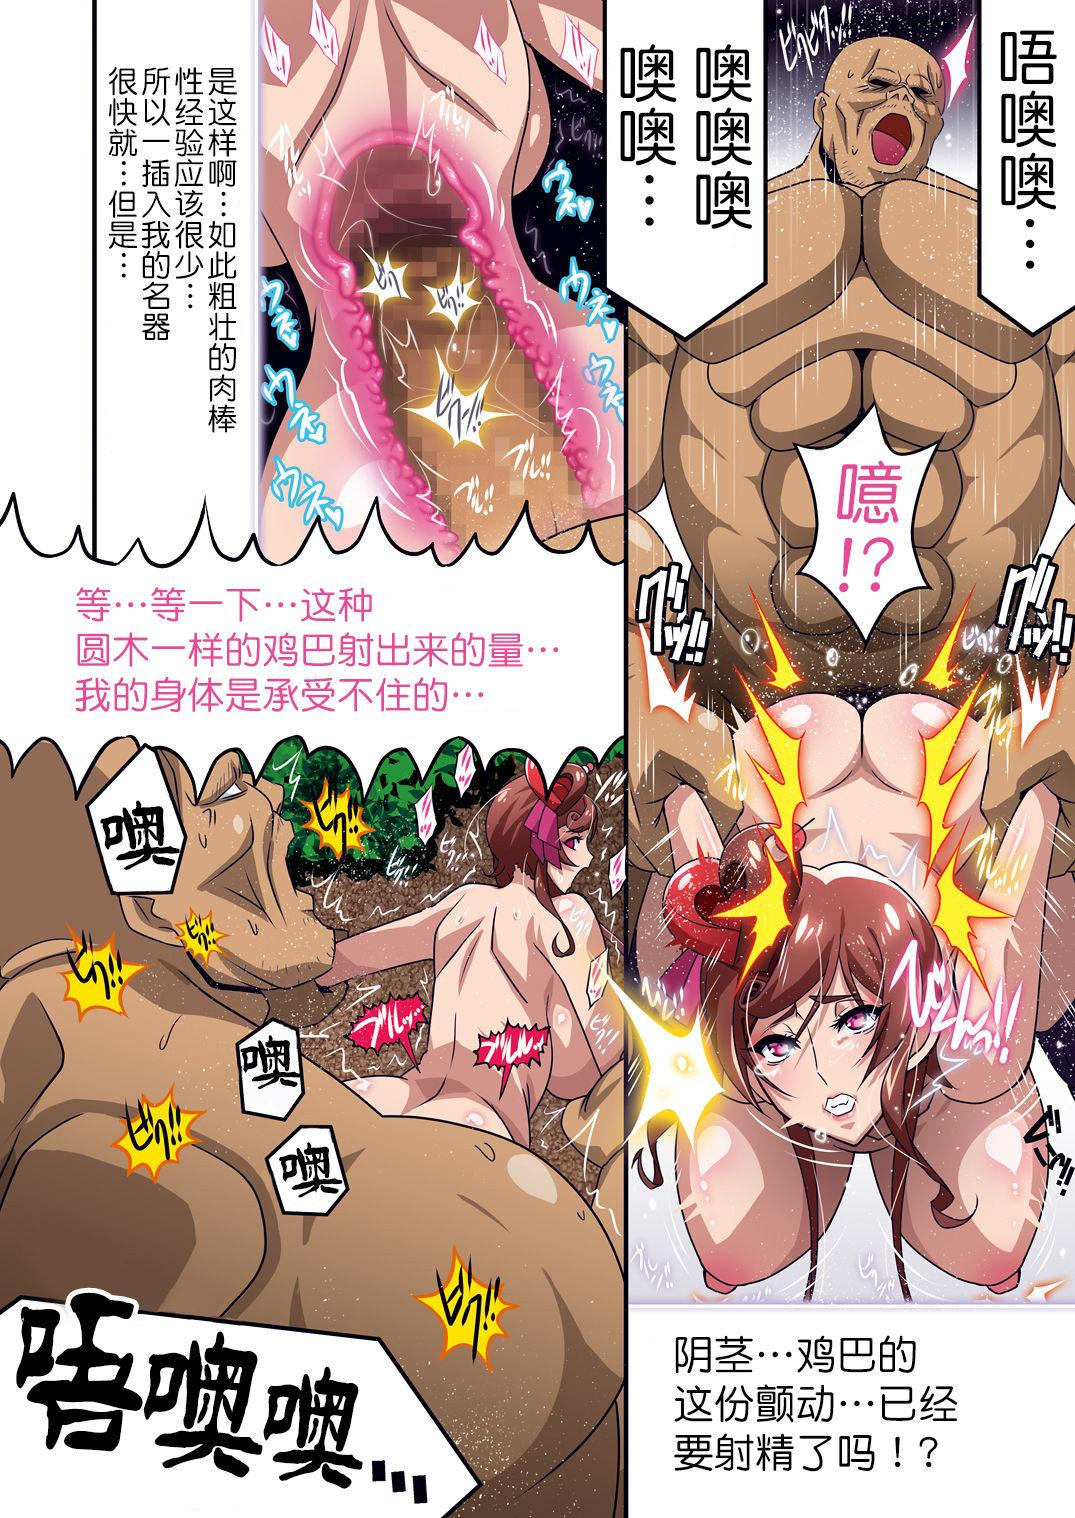 Nee-san vs Chougokubuto Yuugiri Tai Takeo Gekka no Koubousen 10